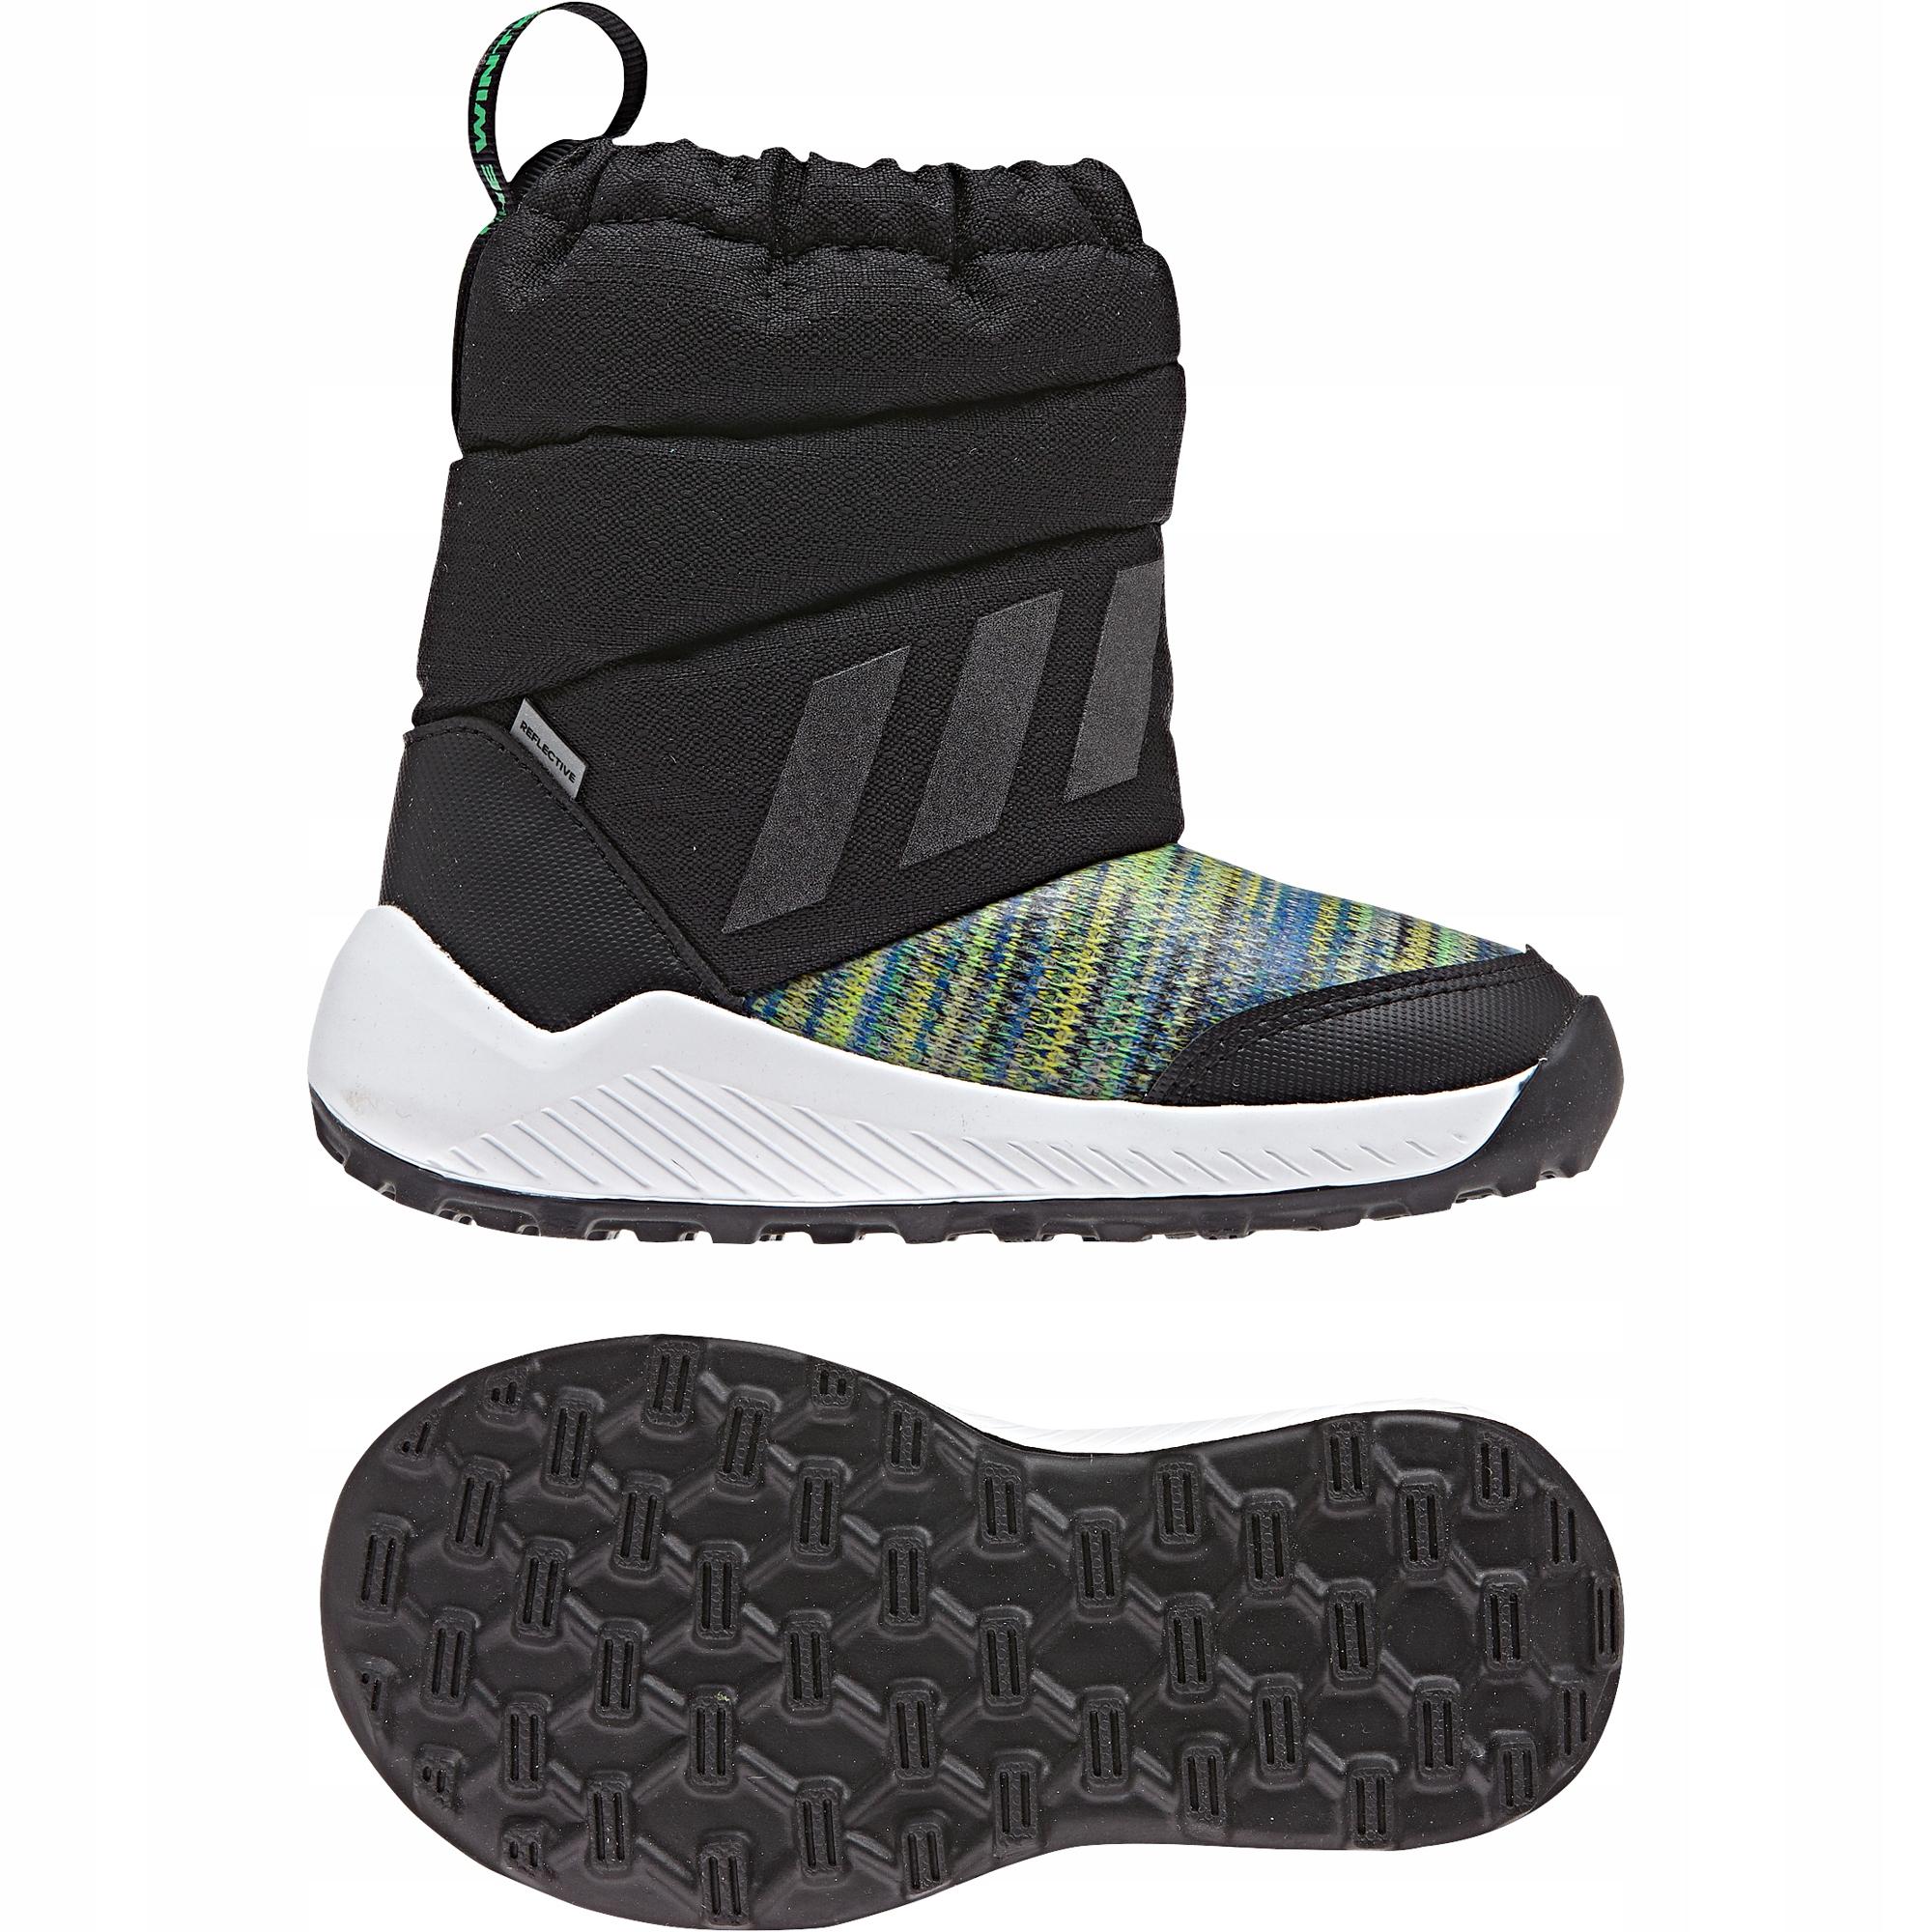 Buty zimowe dziecięce adidas r.26 Galeria zdjęć i obrazów